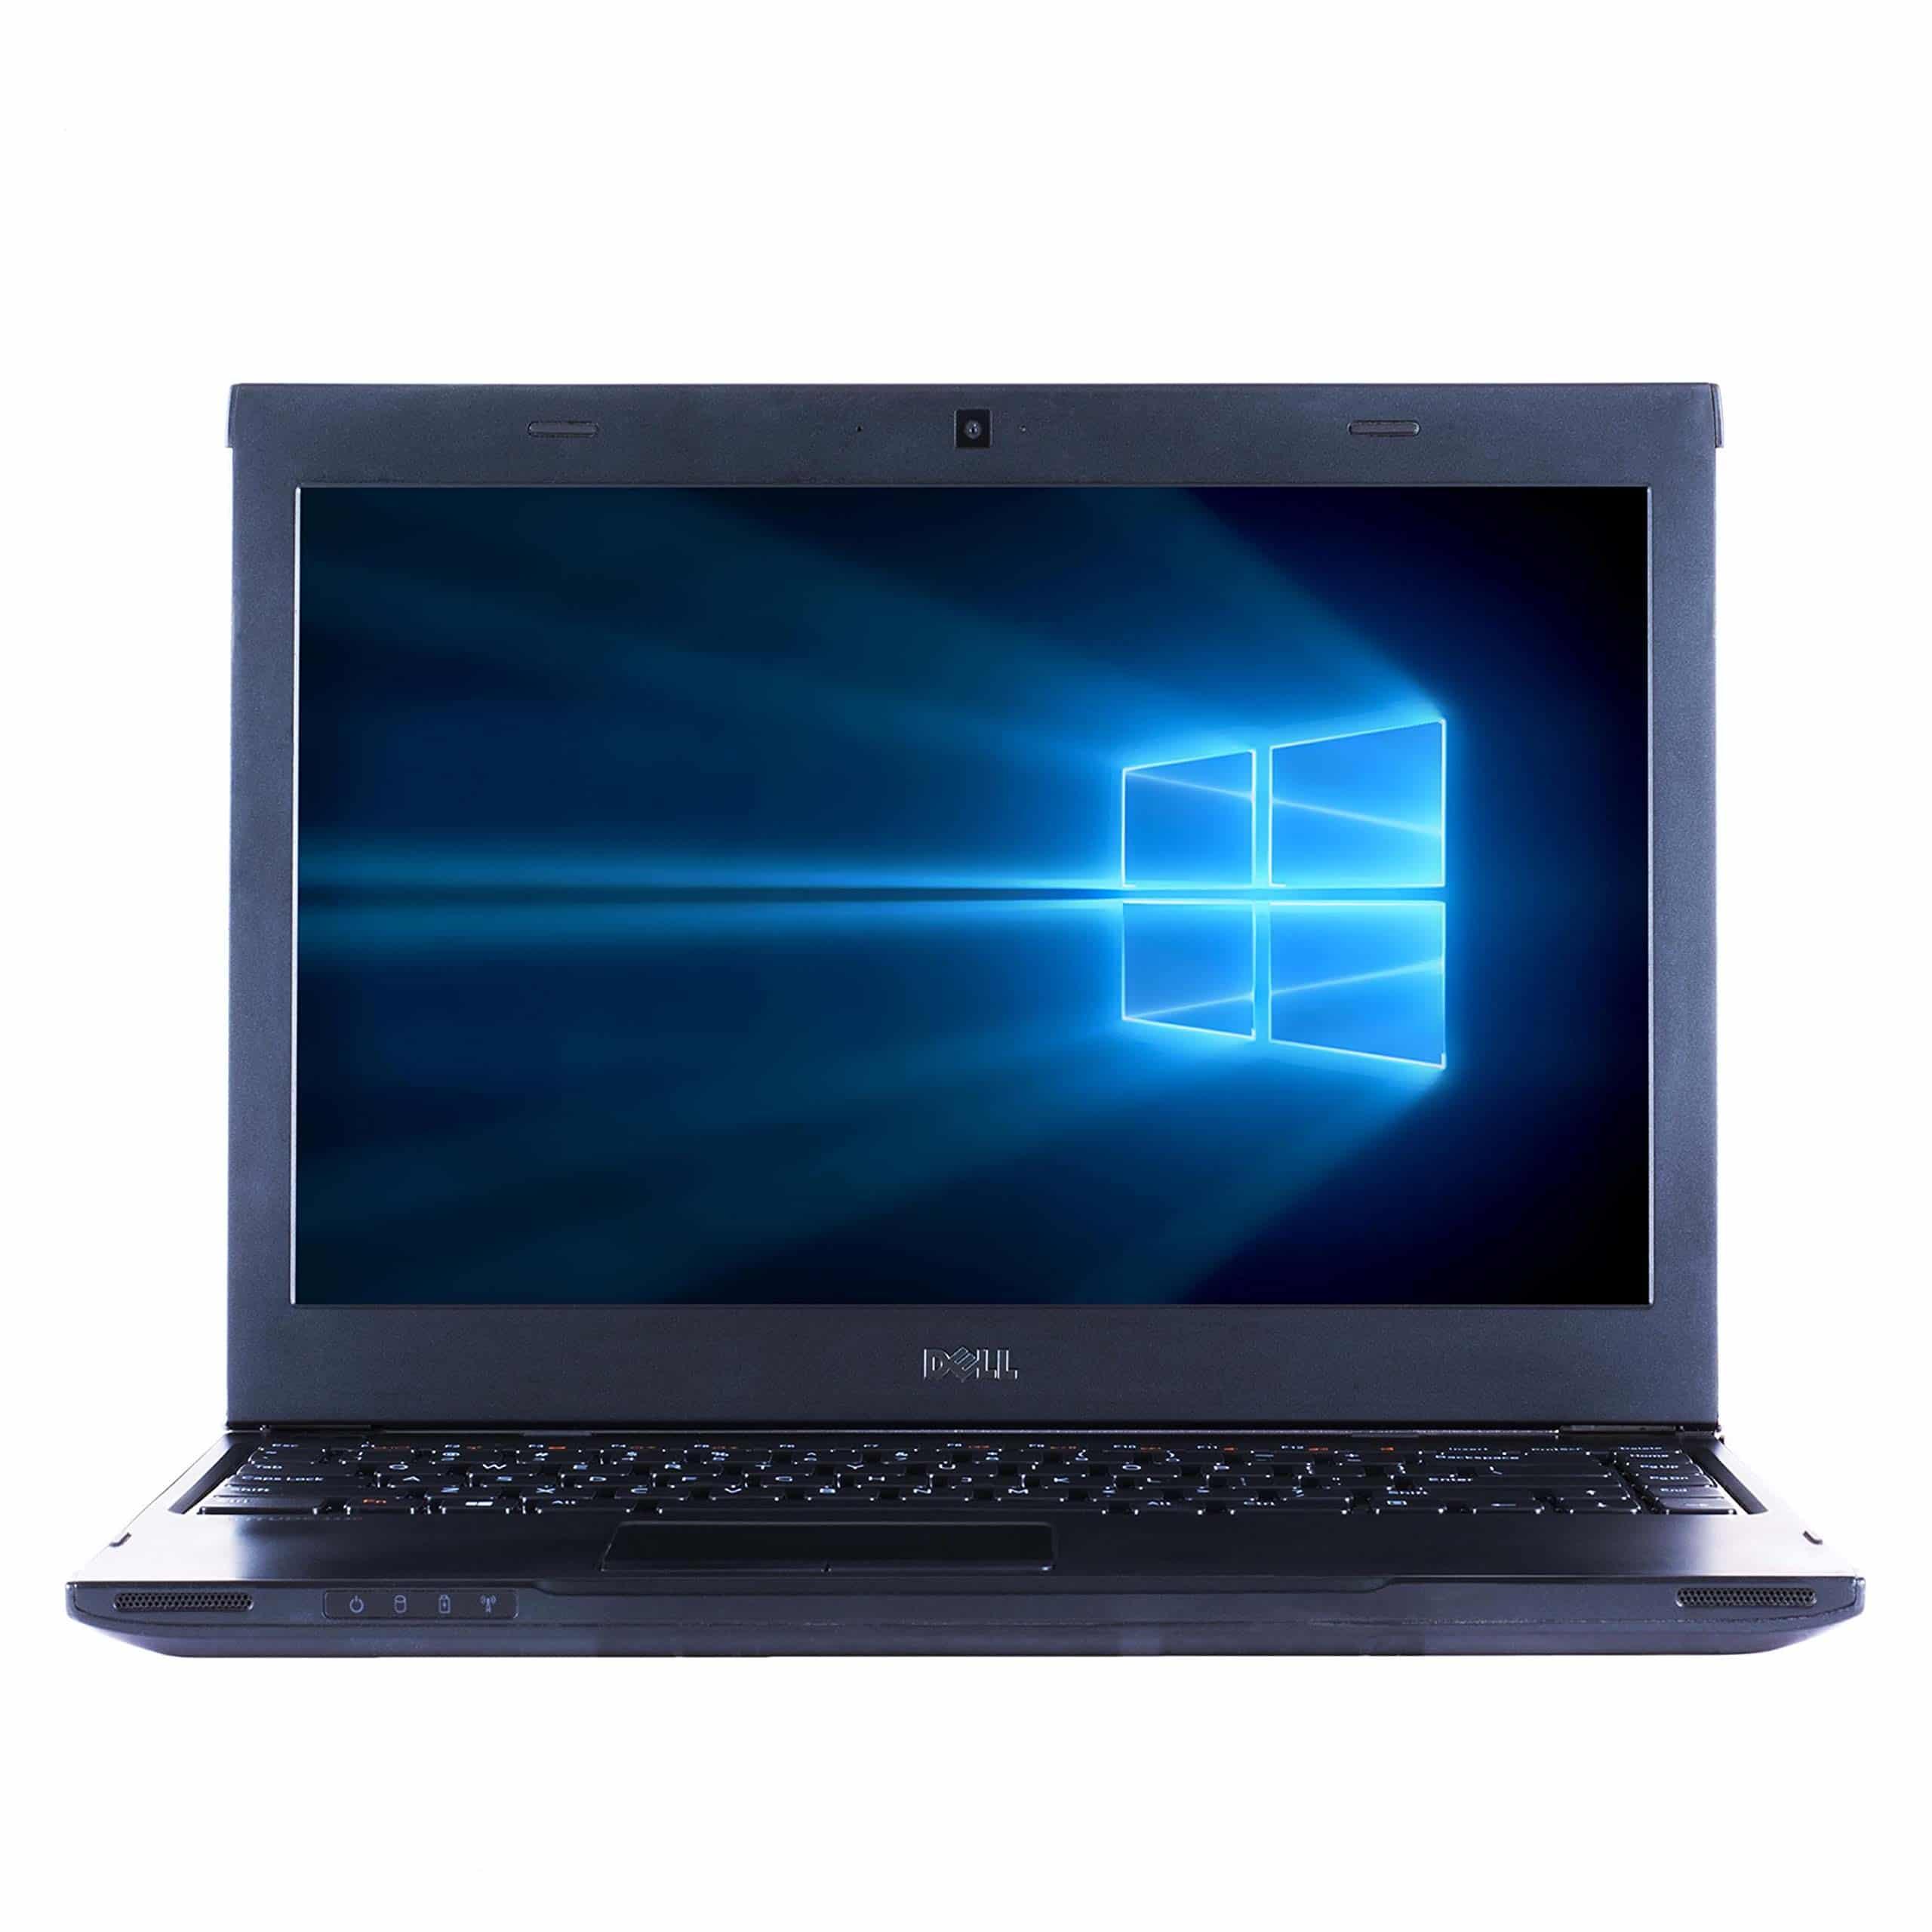 Latitude 3330 | Core i3 2375M | RAM 4G | HDD 320G | Intel HD